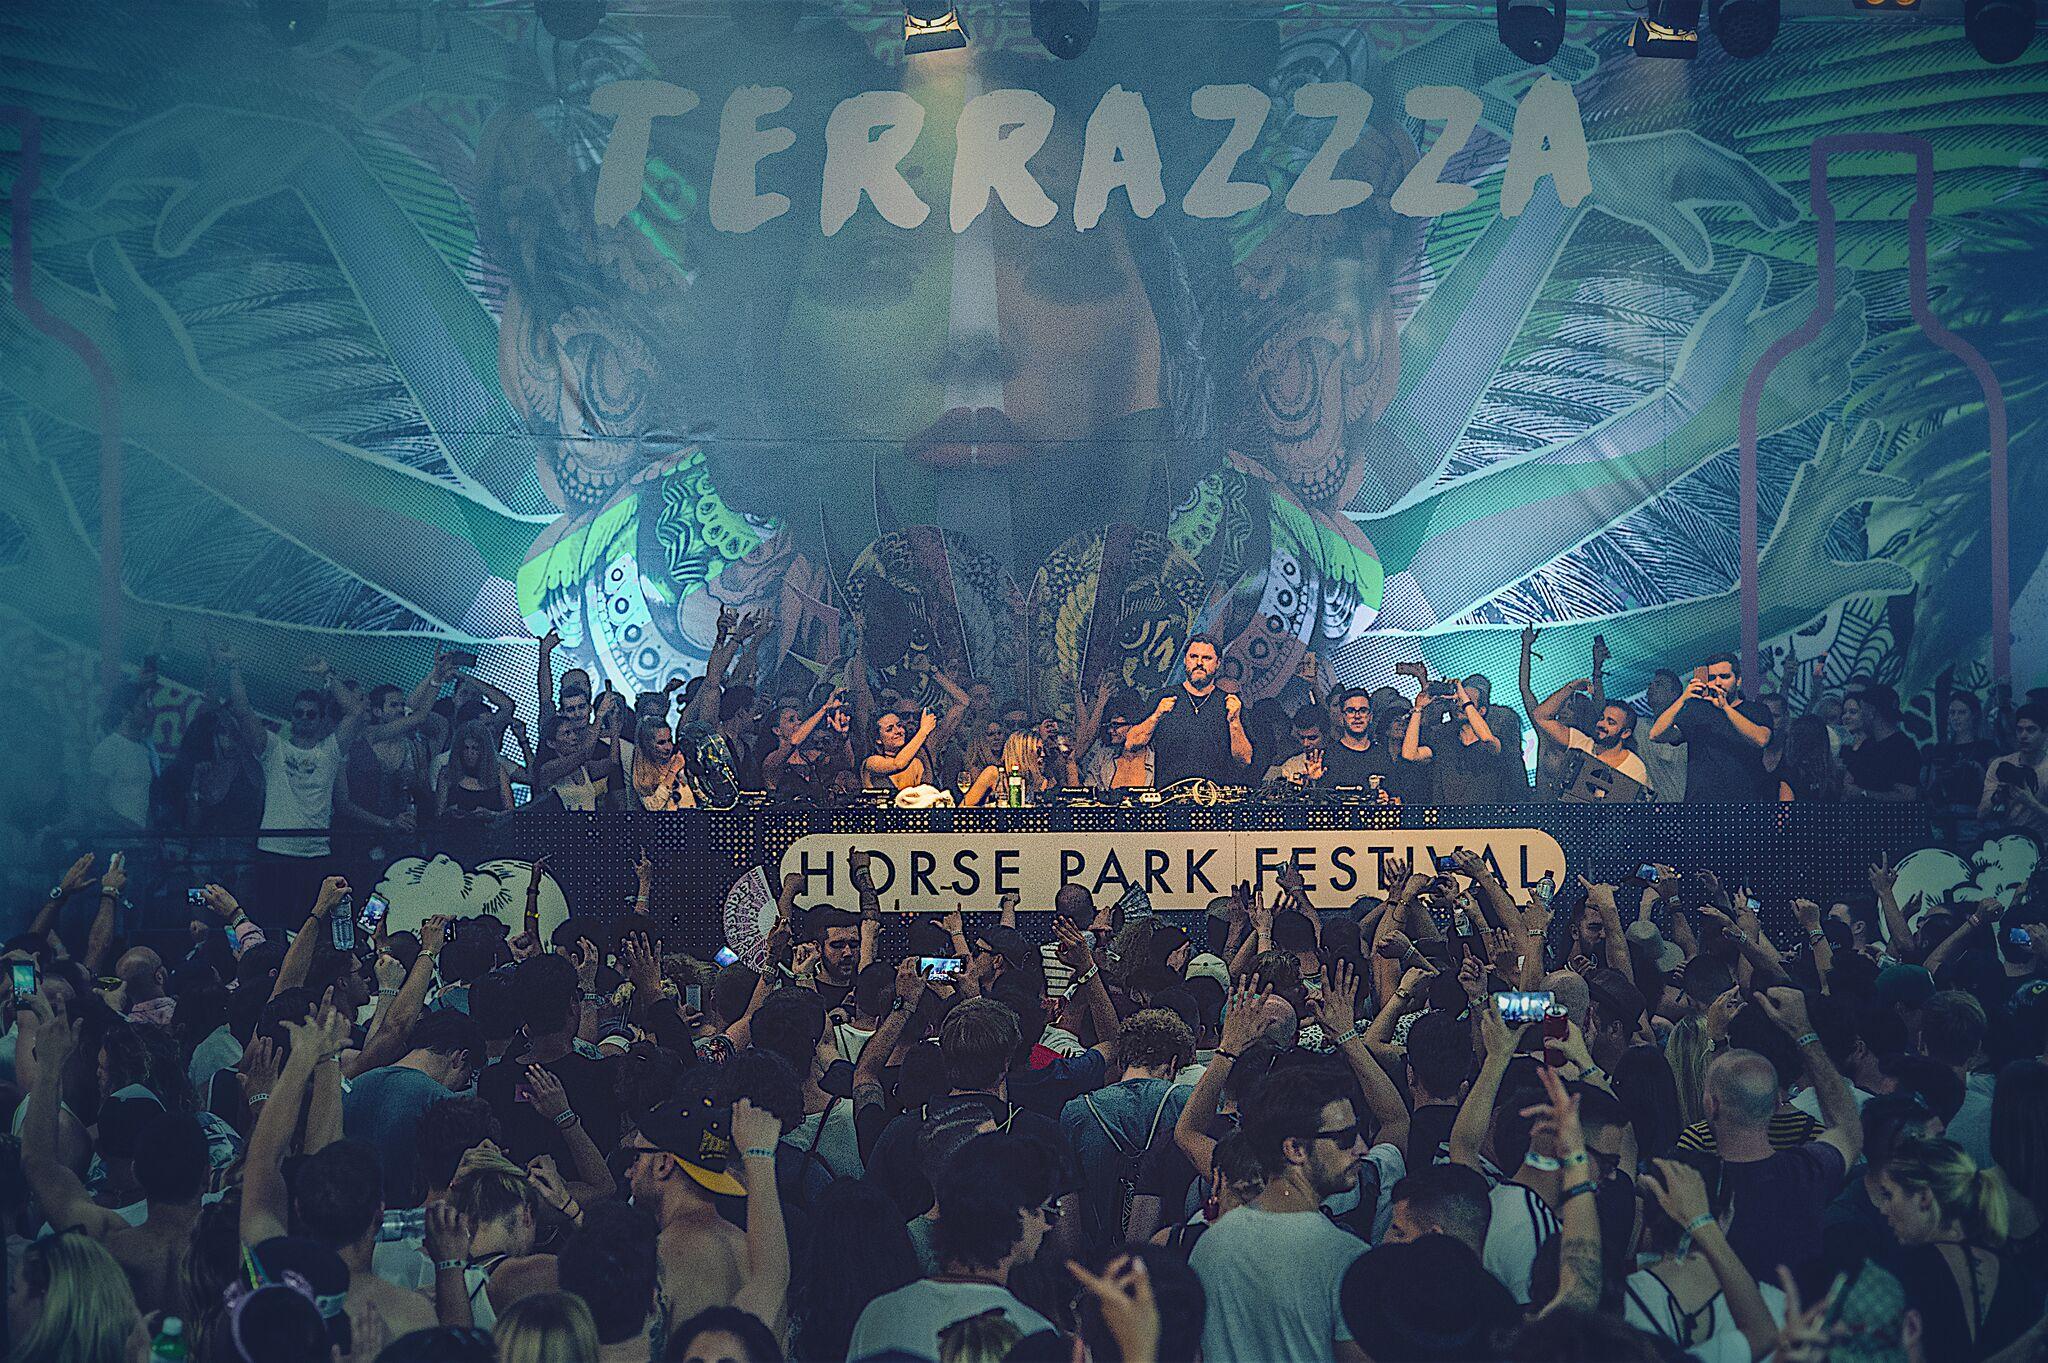 Terrazzza Horse Park Festival 2019 Gibt Weitere Acts Bekannt